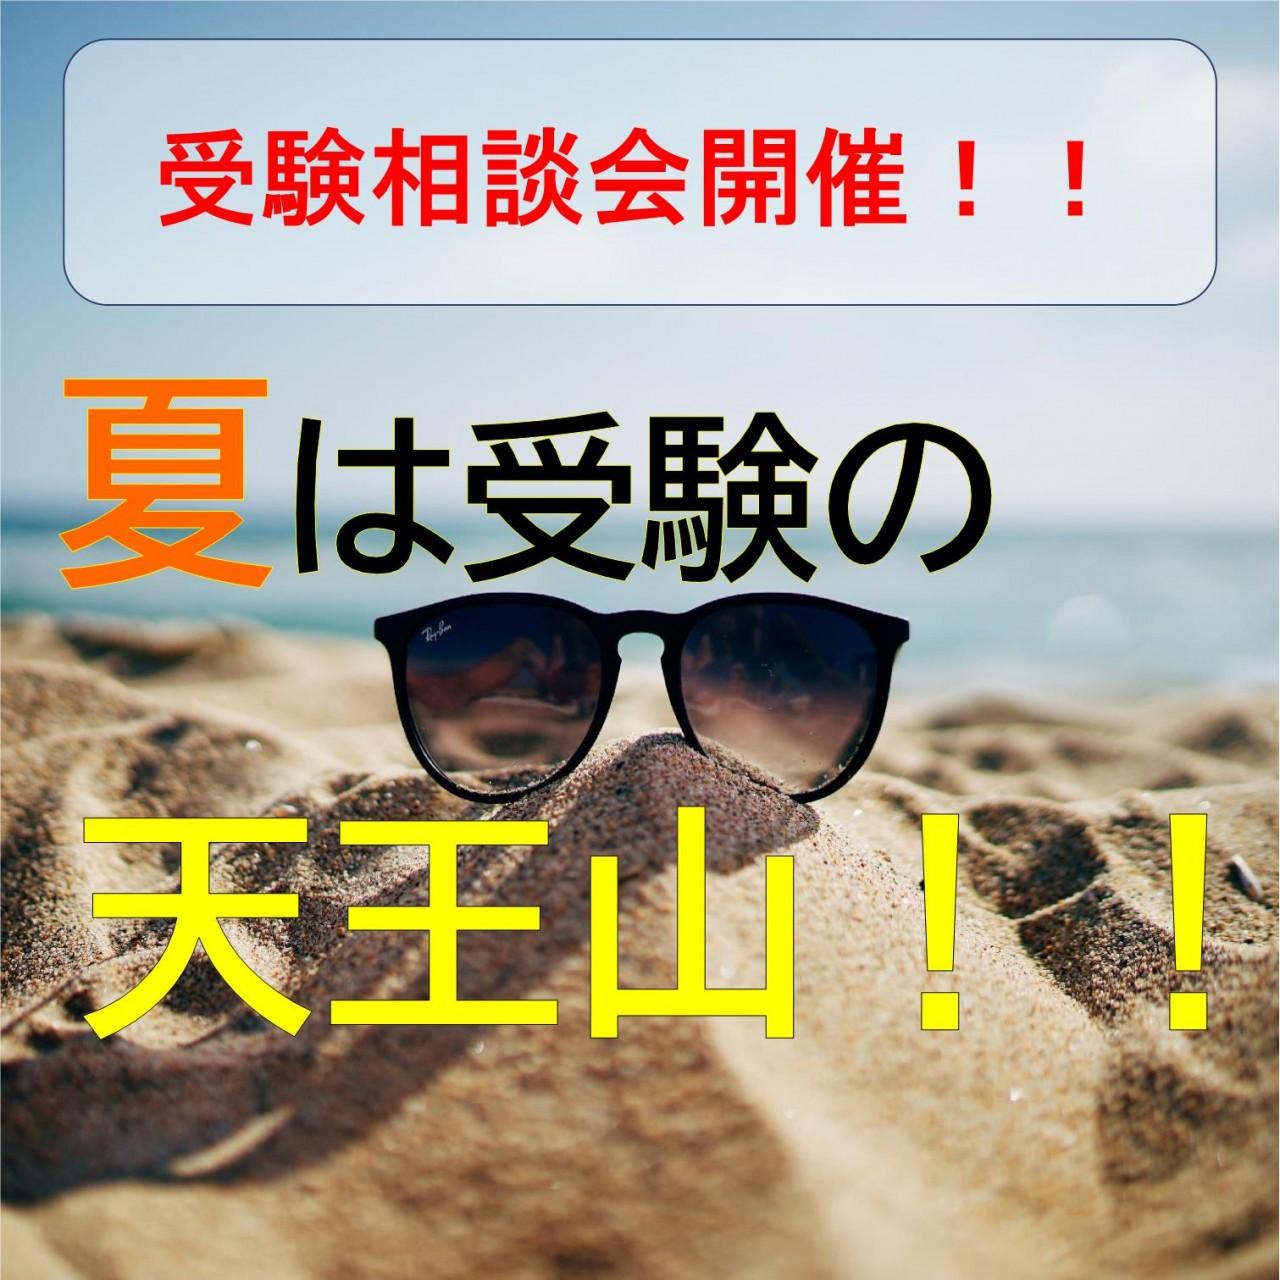 夏の受験相談会(サムネ)